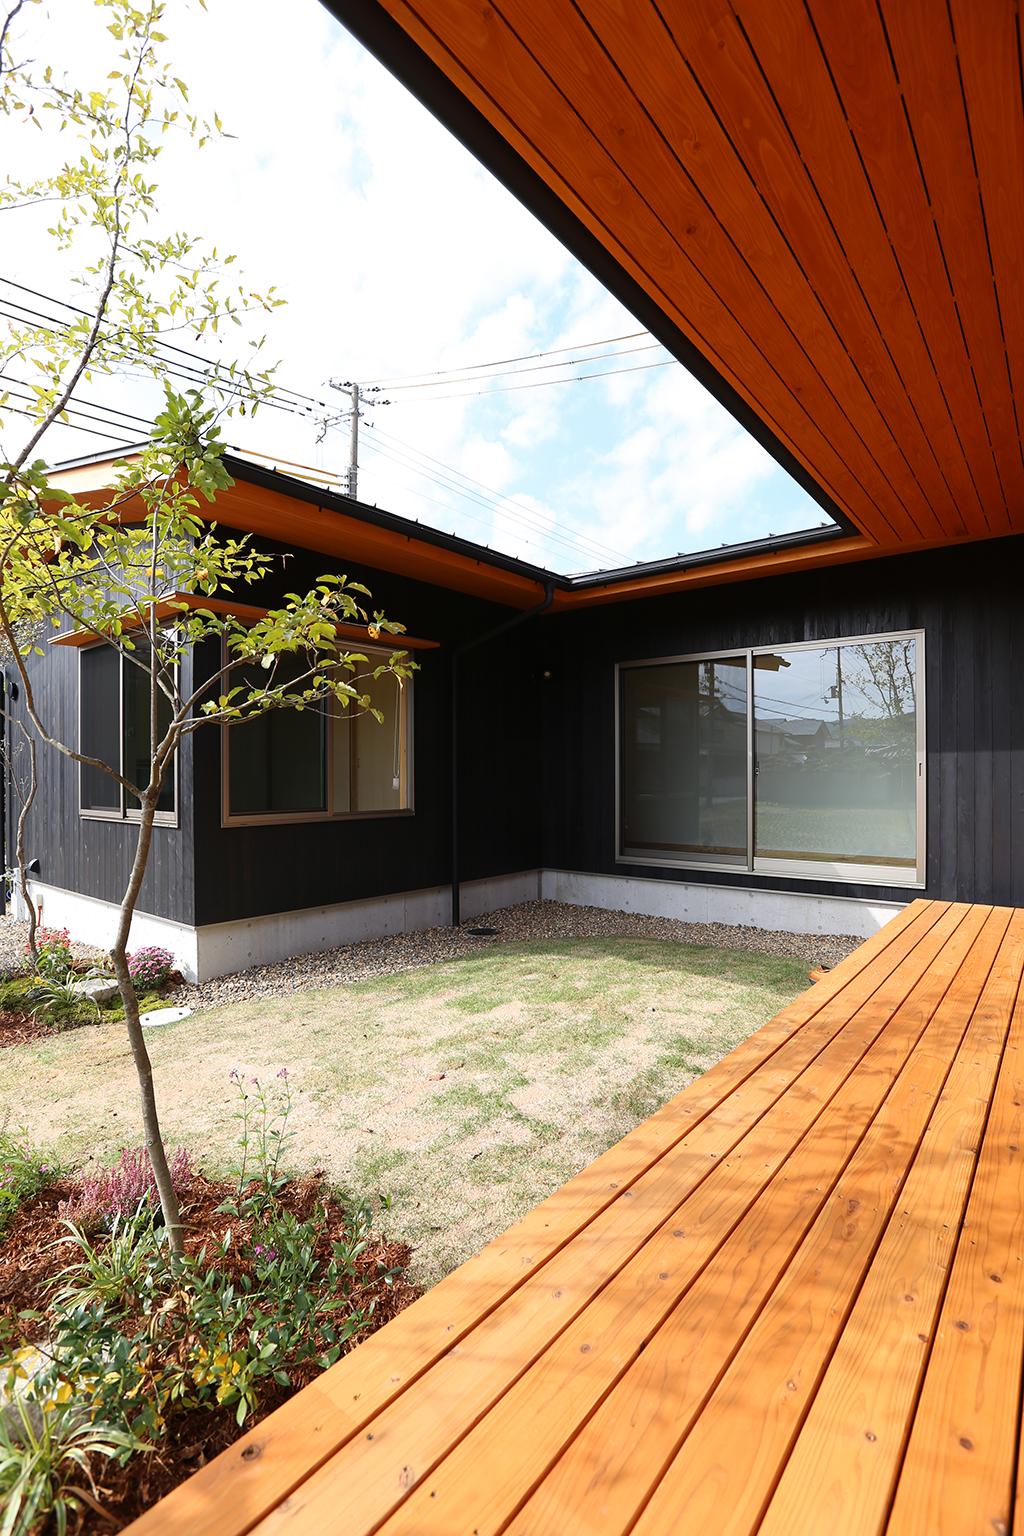 姫路市の木の家 中庭が親と子のいい距離感をつくり出す